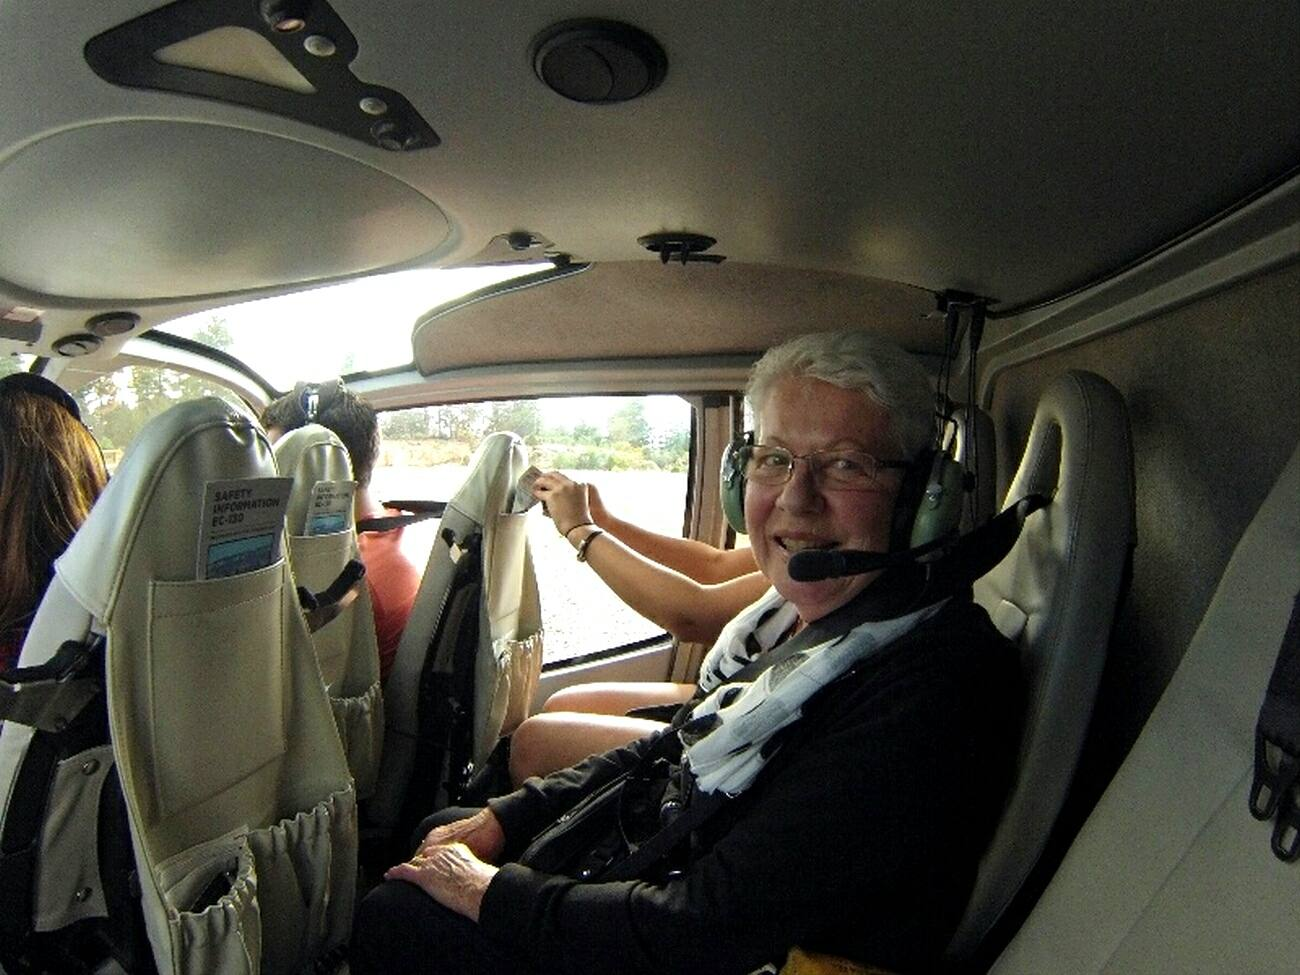 Co-pilot, Marilyn